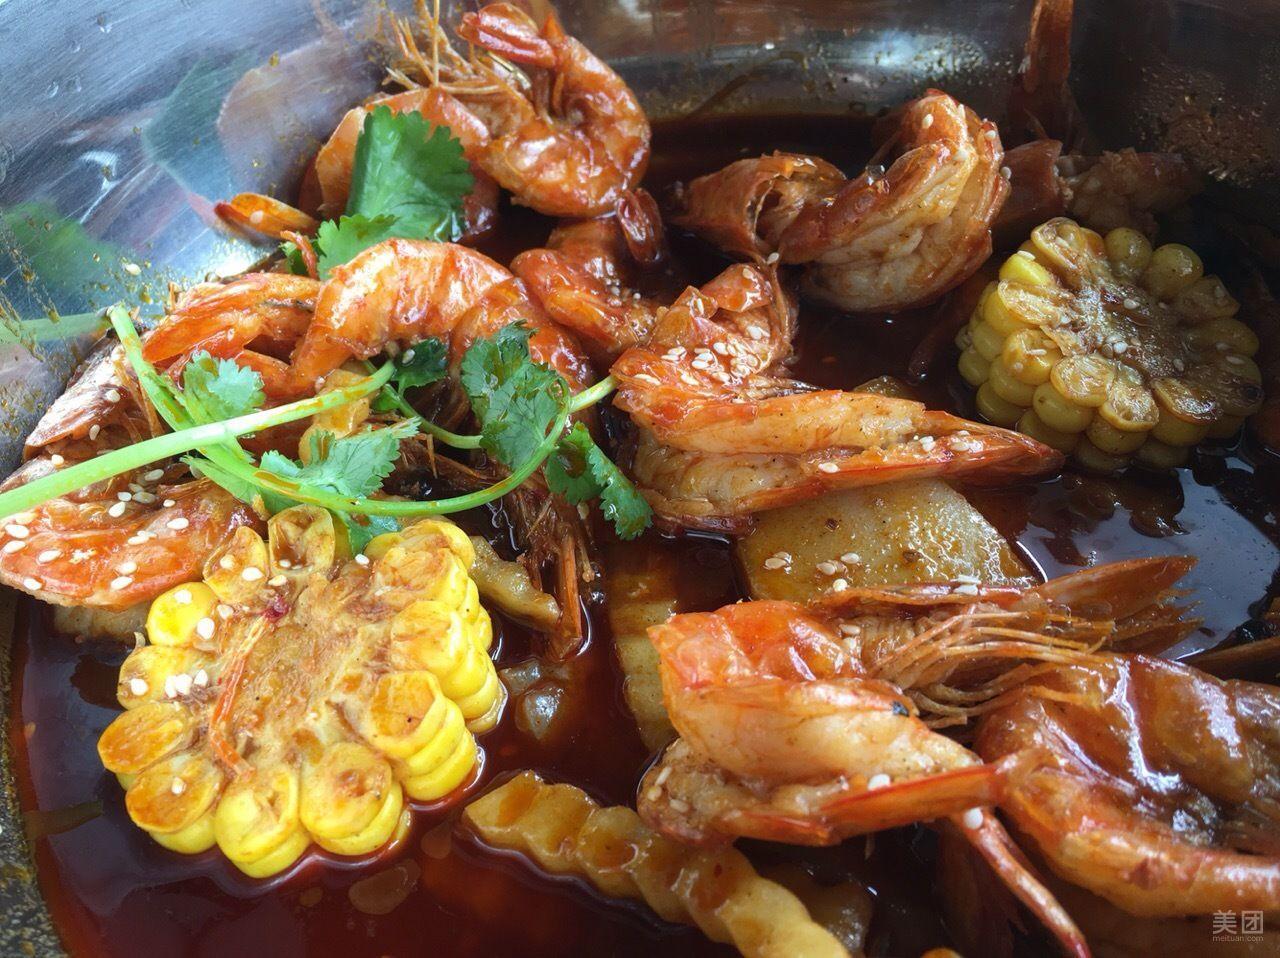 大虾-虾吃虾涮虾火锅-美团图片